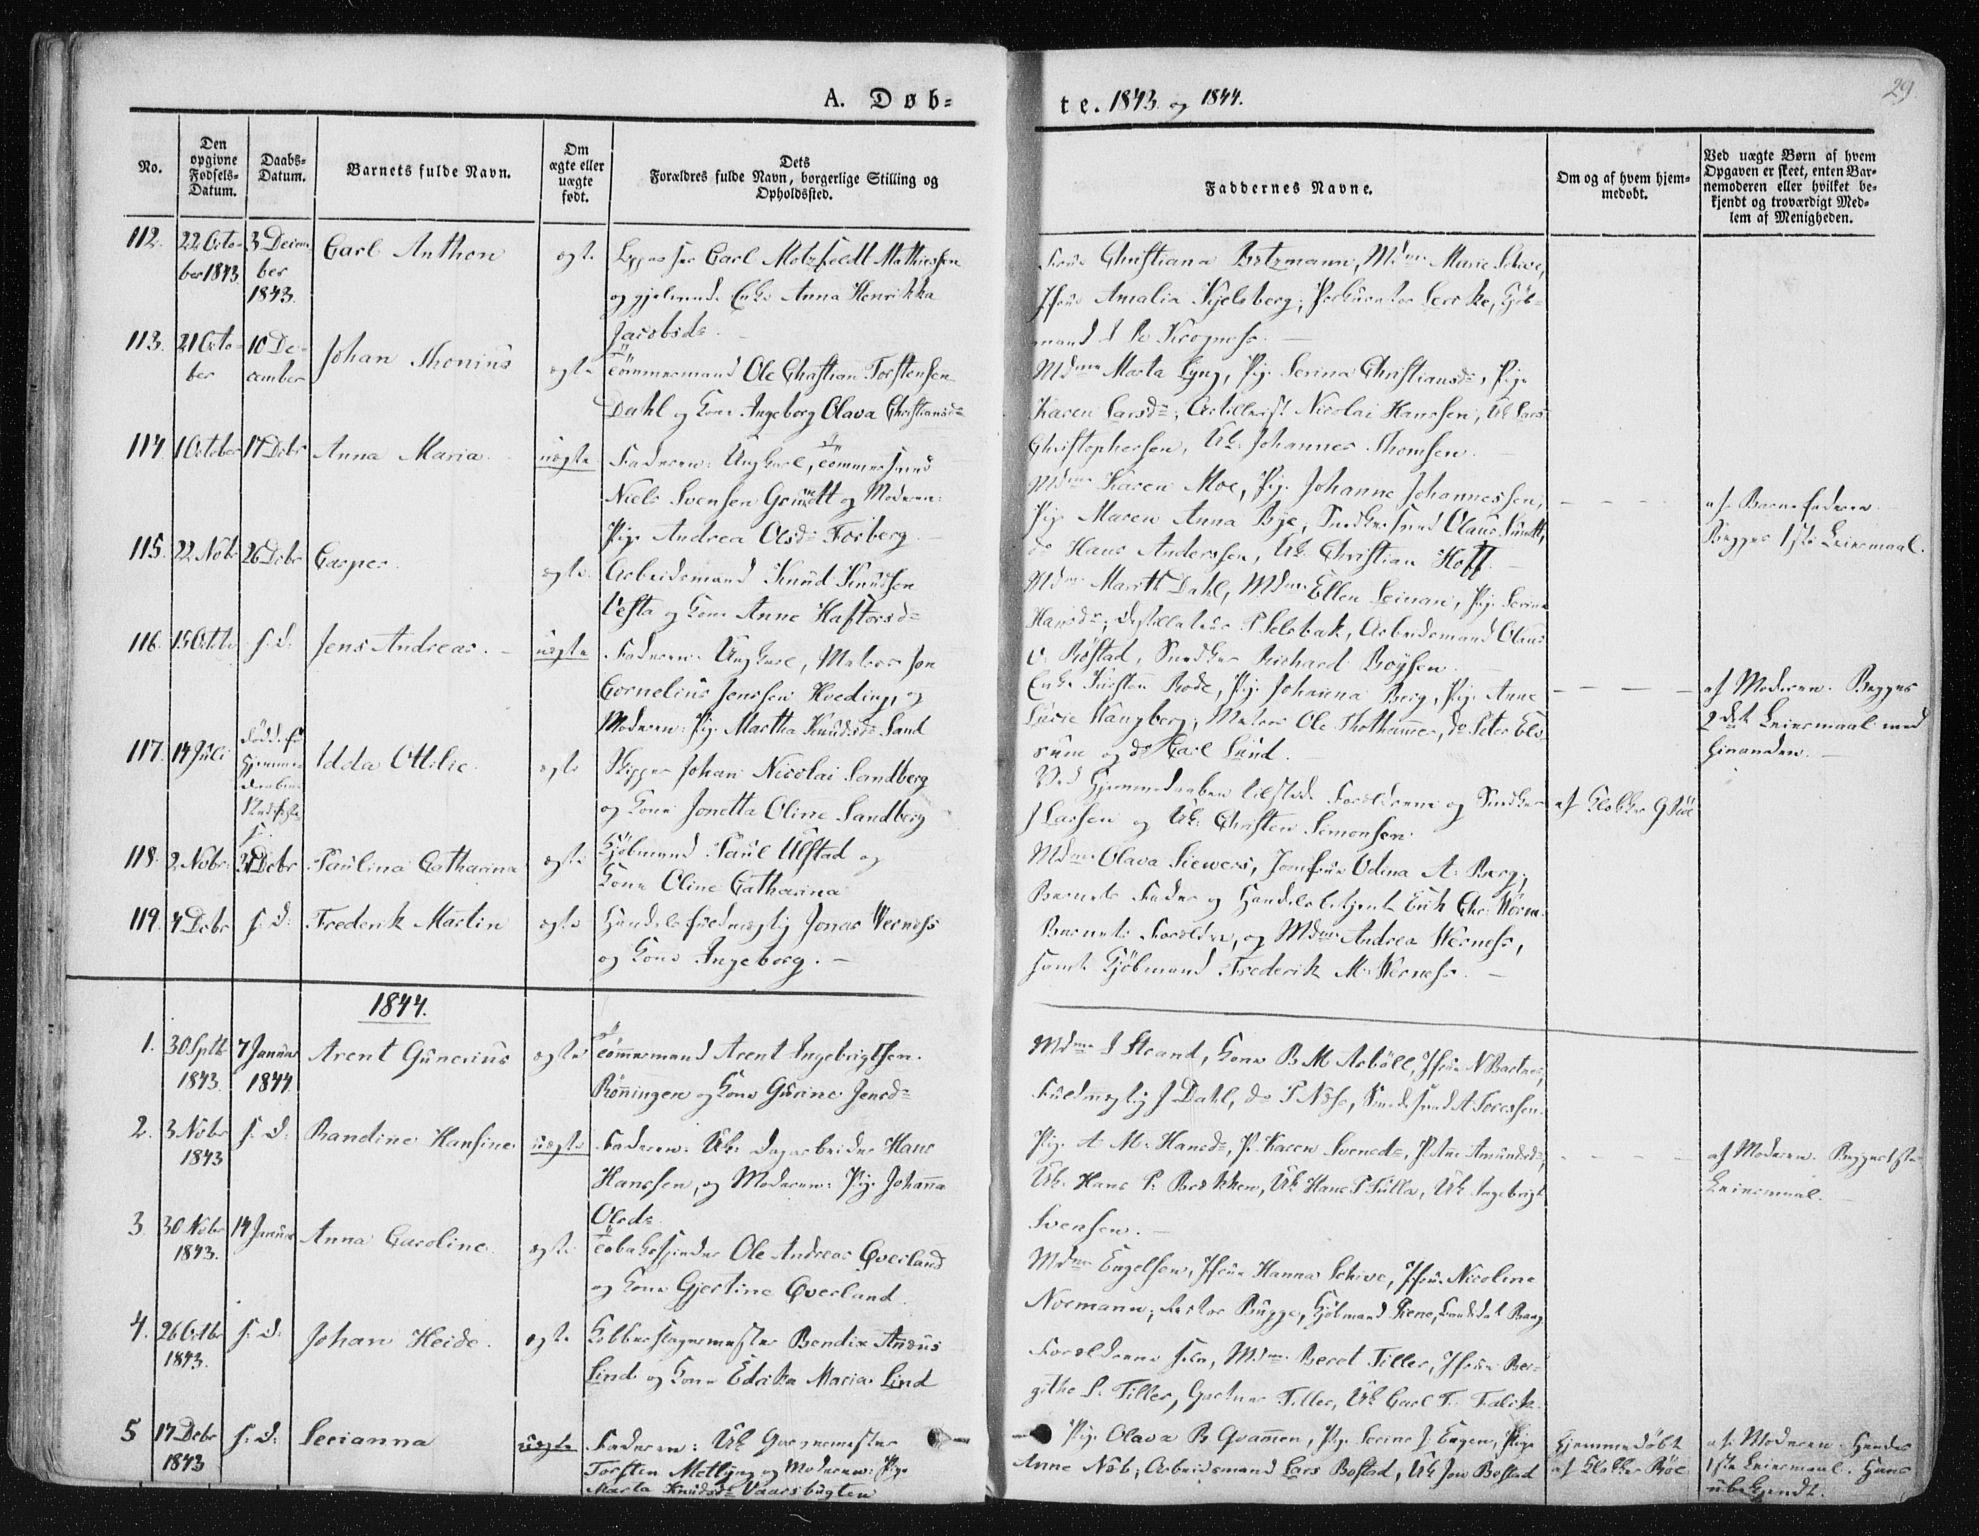 SAT, Ministerialprotokoller, klokkerbøker og fødselsregistre - Sør-Trøndelag, 602/L0110: Ministerialbok nr. 602A08, 1840-1854, s. 29